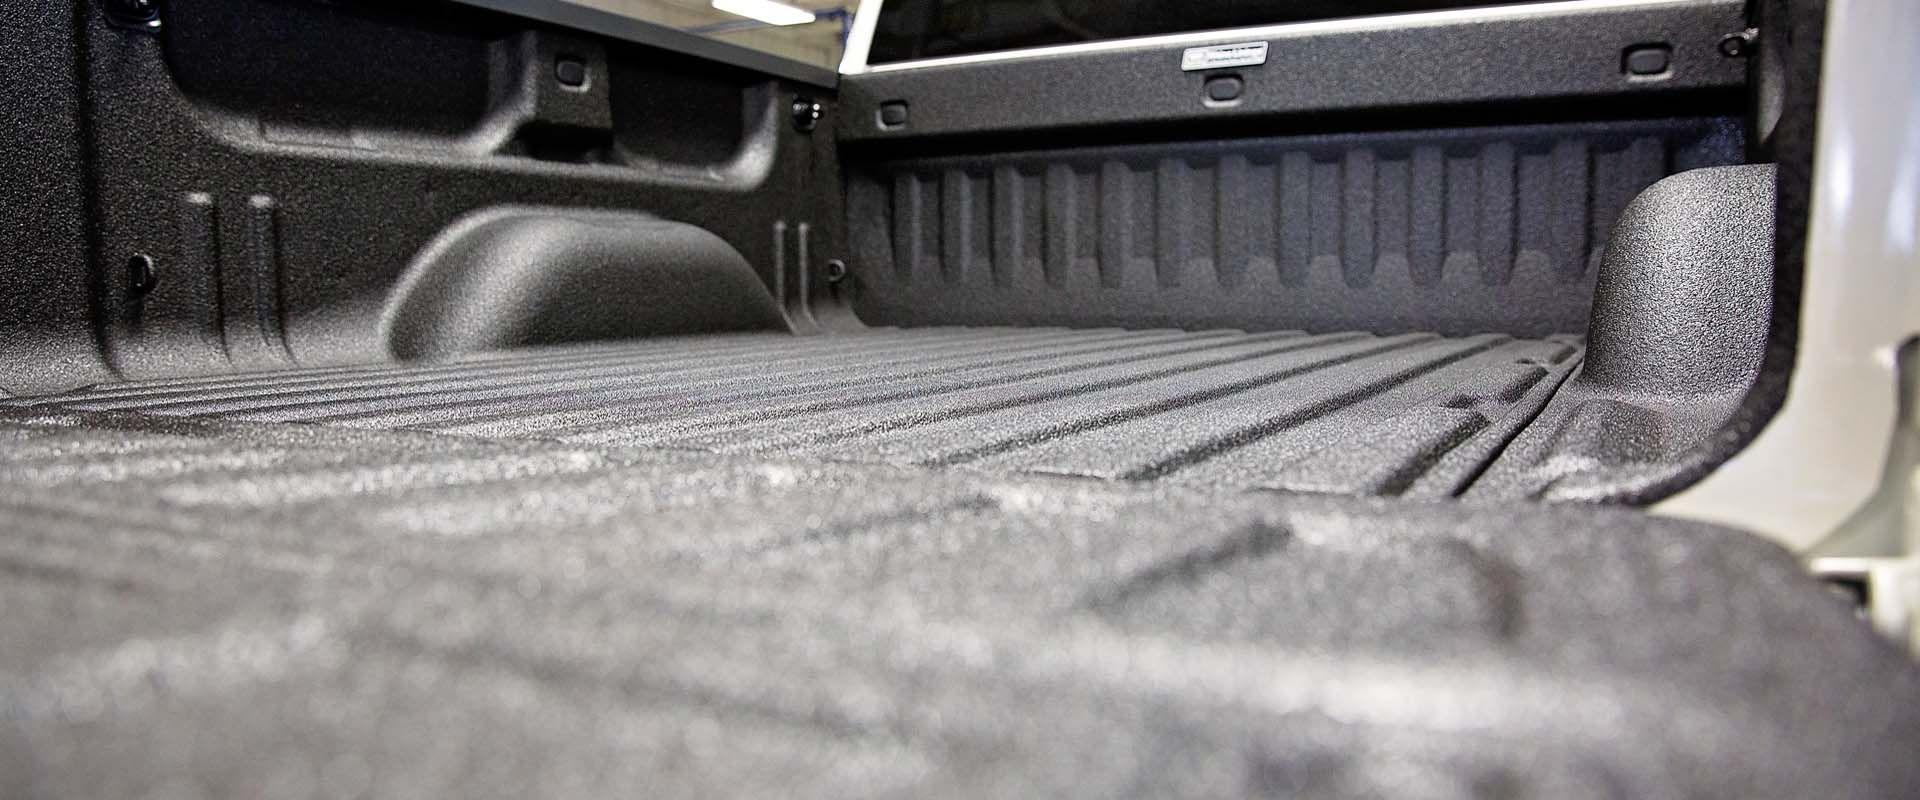 raptor liner review Truck bed liner, Truck bed trailer